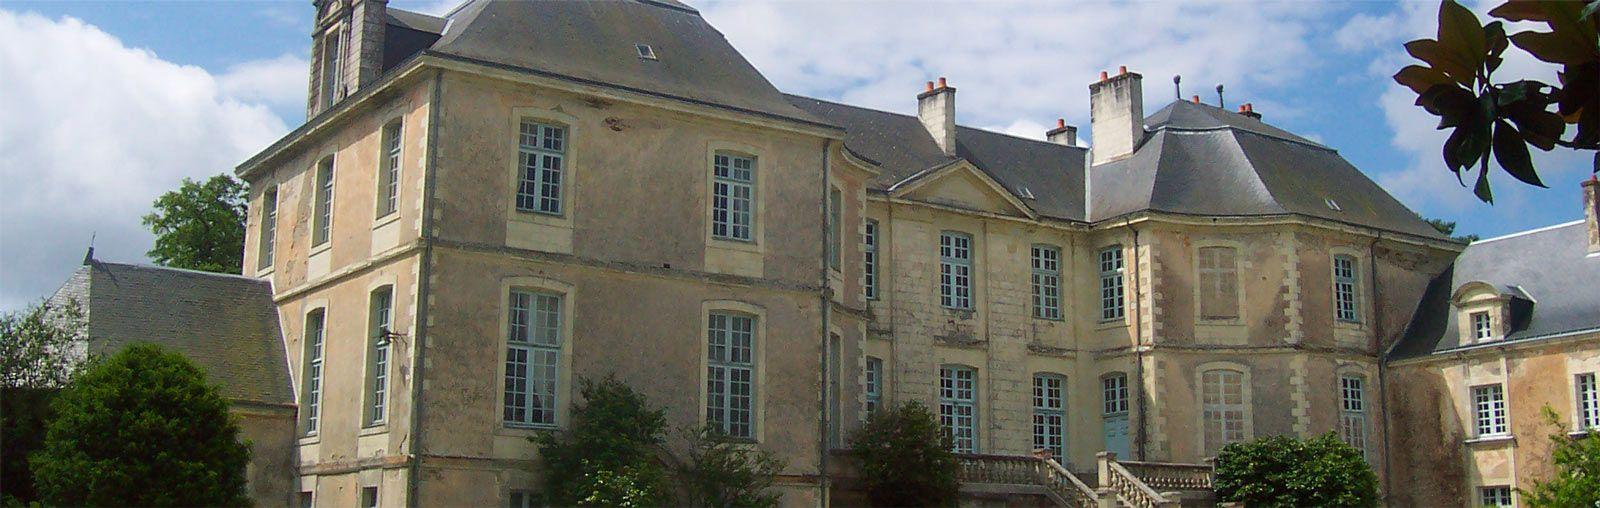 Chateau de la Rousseliere gite et chambre d'hôtes